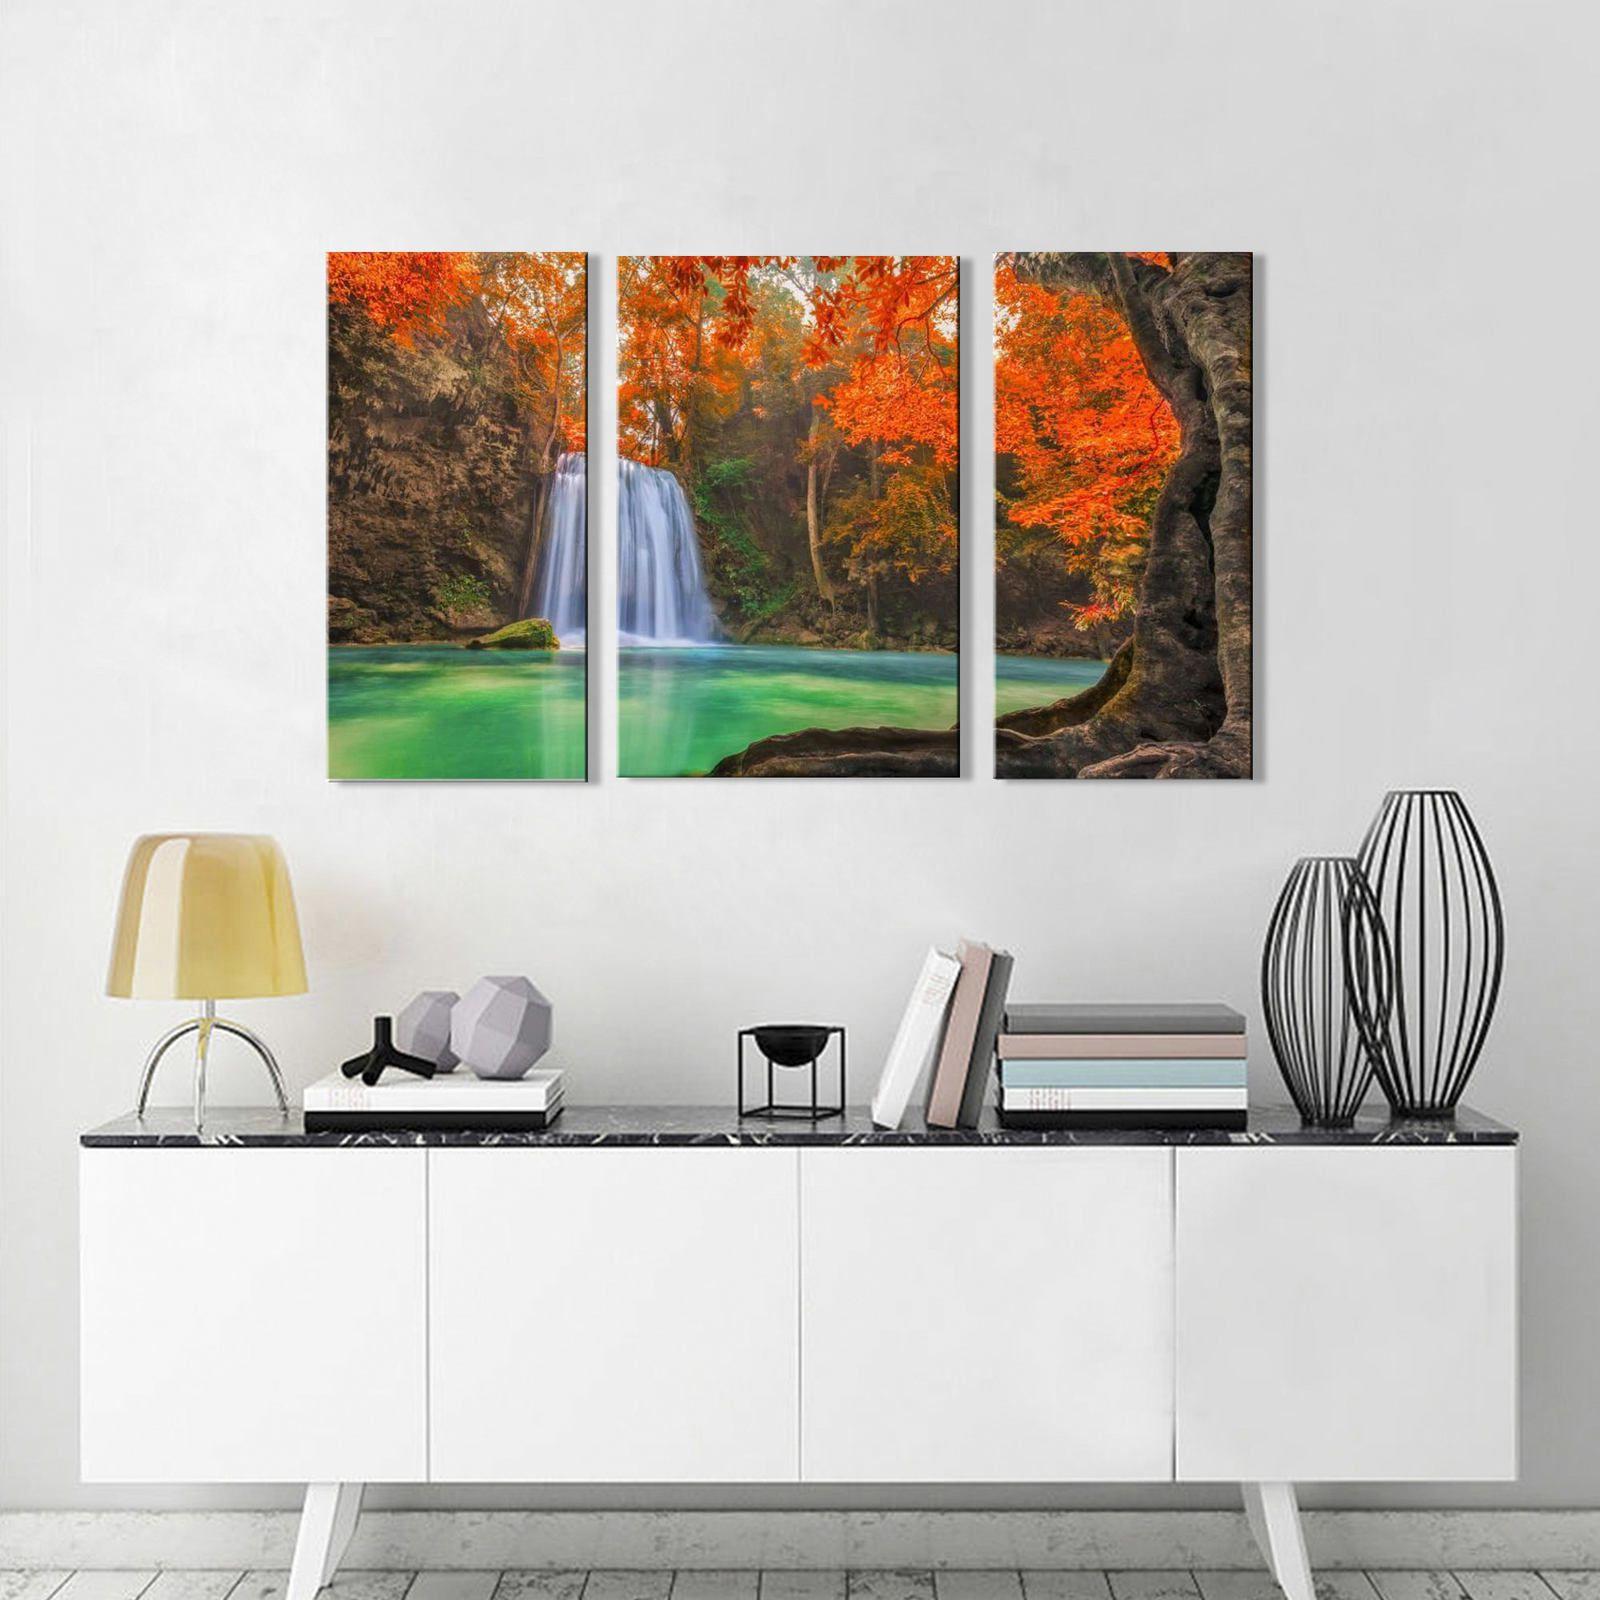 Quadro Decorativo Paisagem Cachoeira com arvore 3 peças